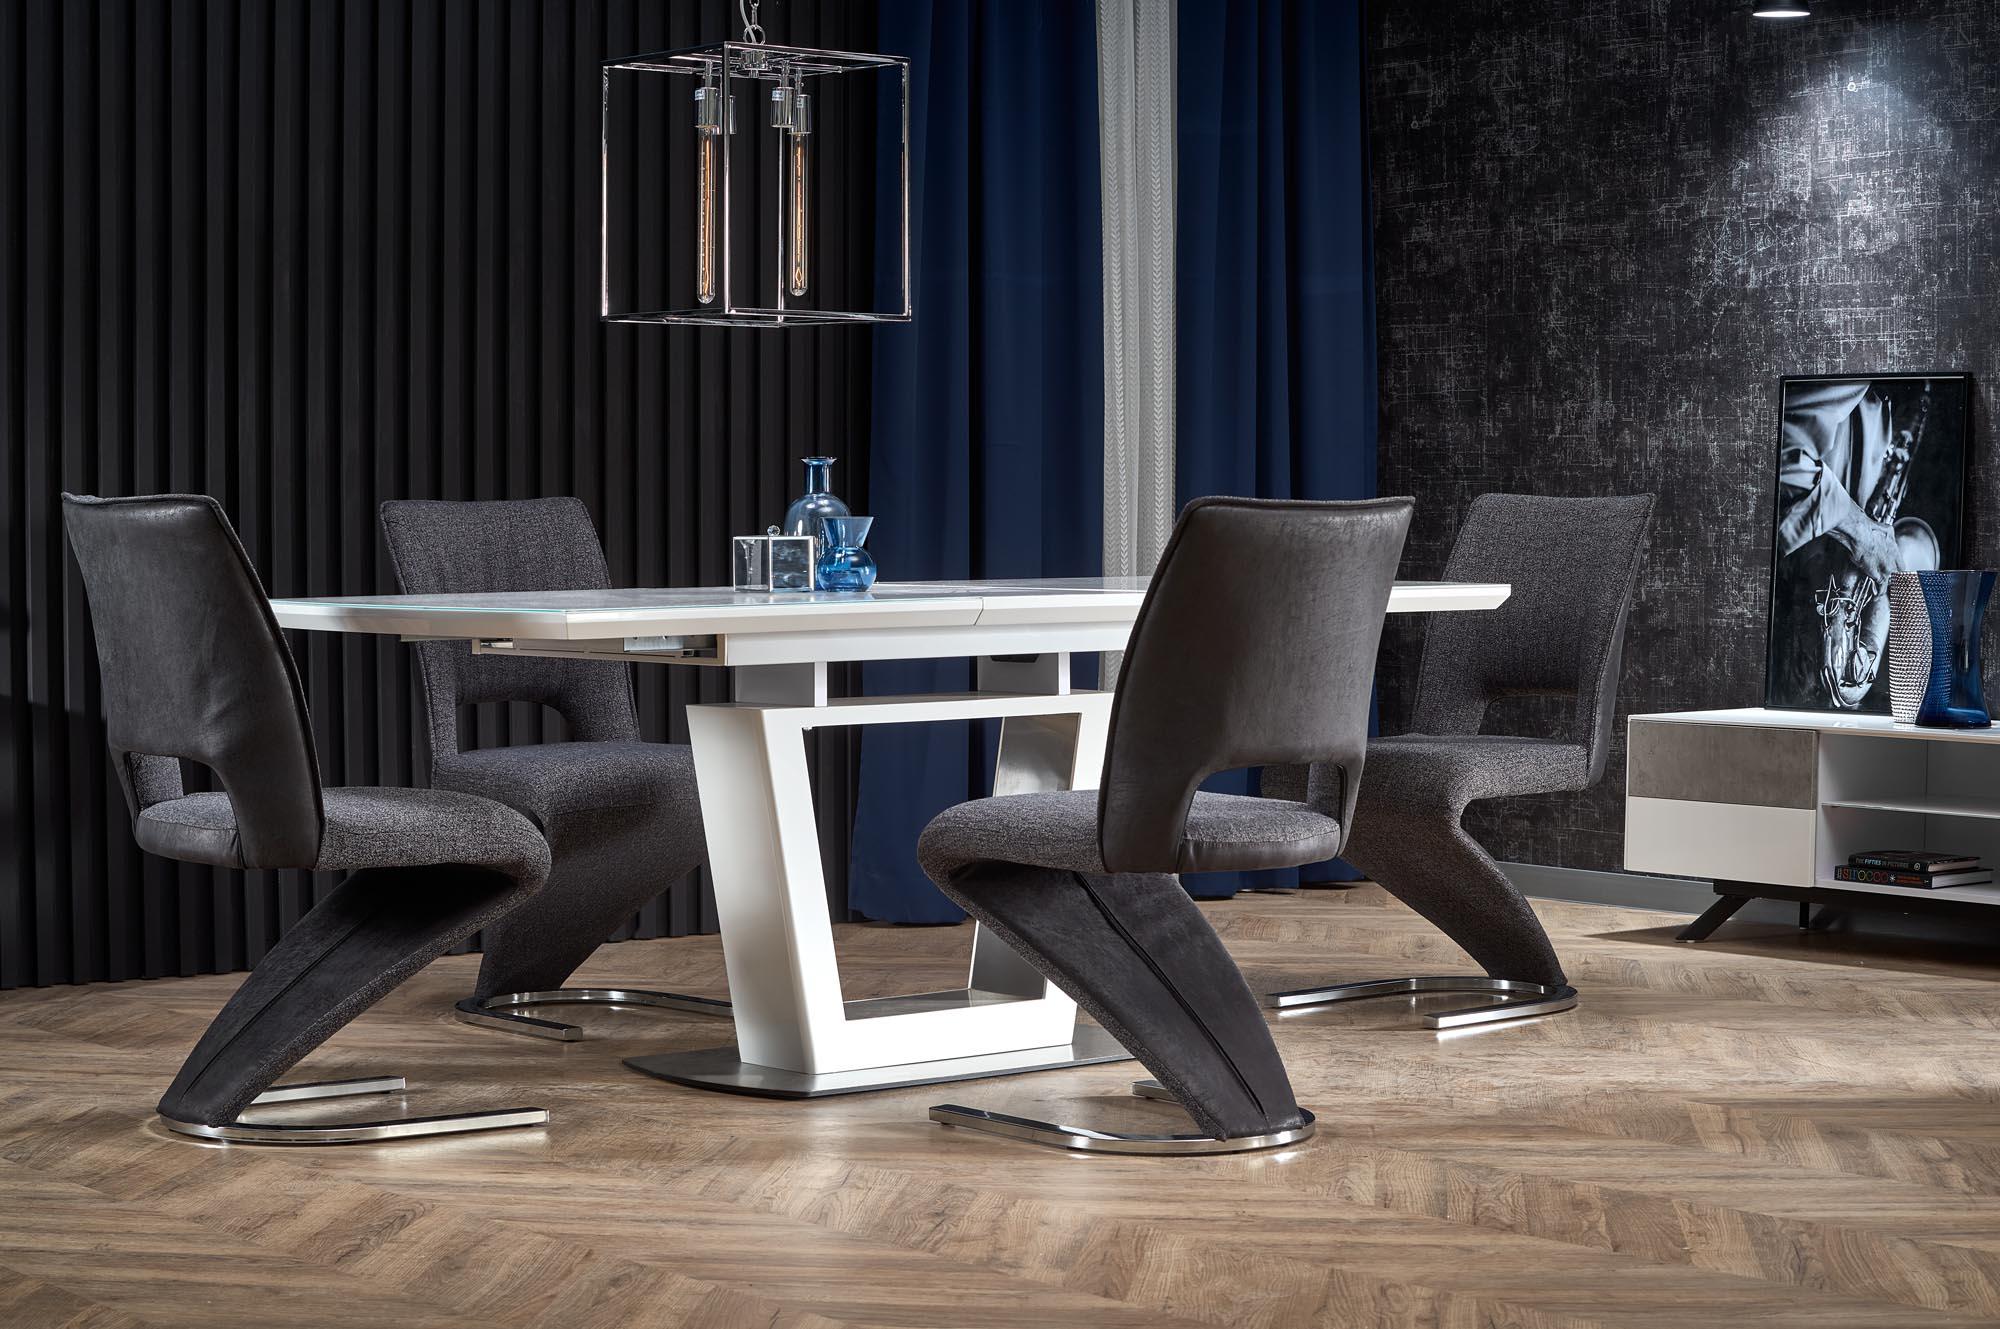 BLANCO rozkladací stôl doska - biely mramor / biela, nohy - biele